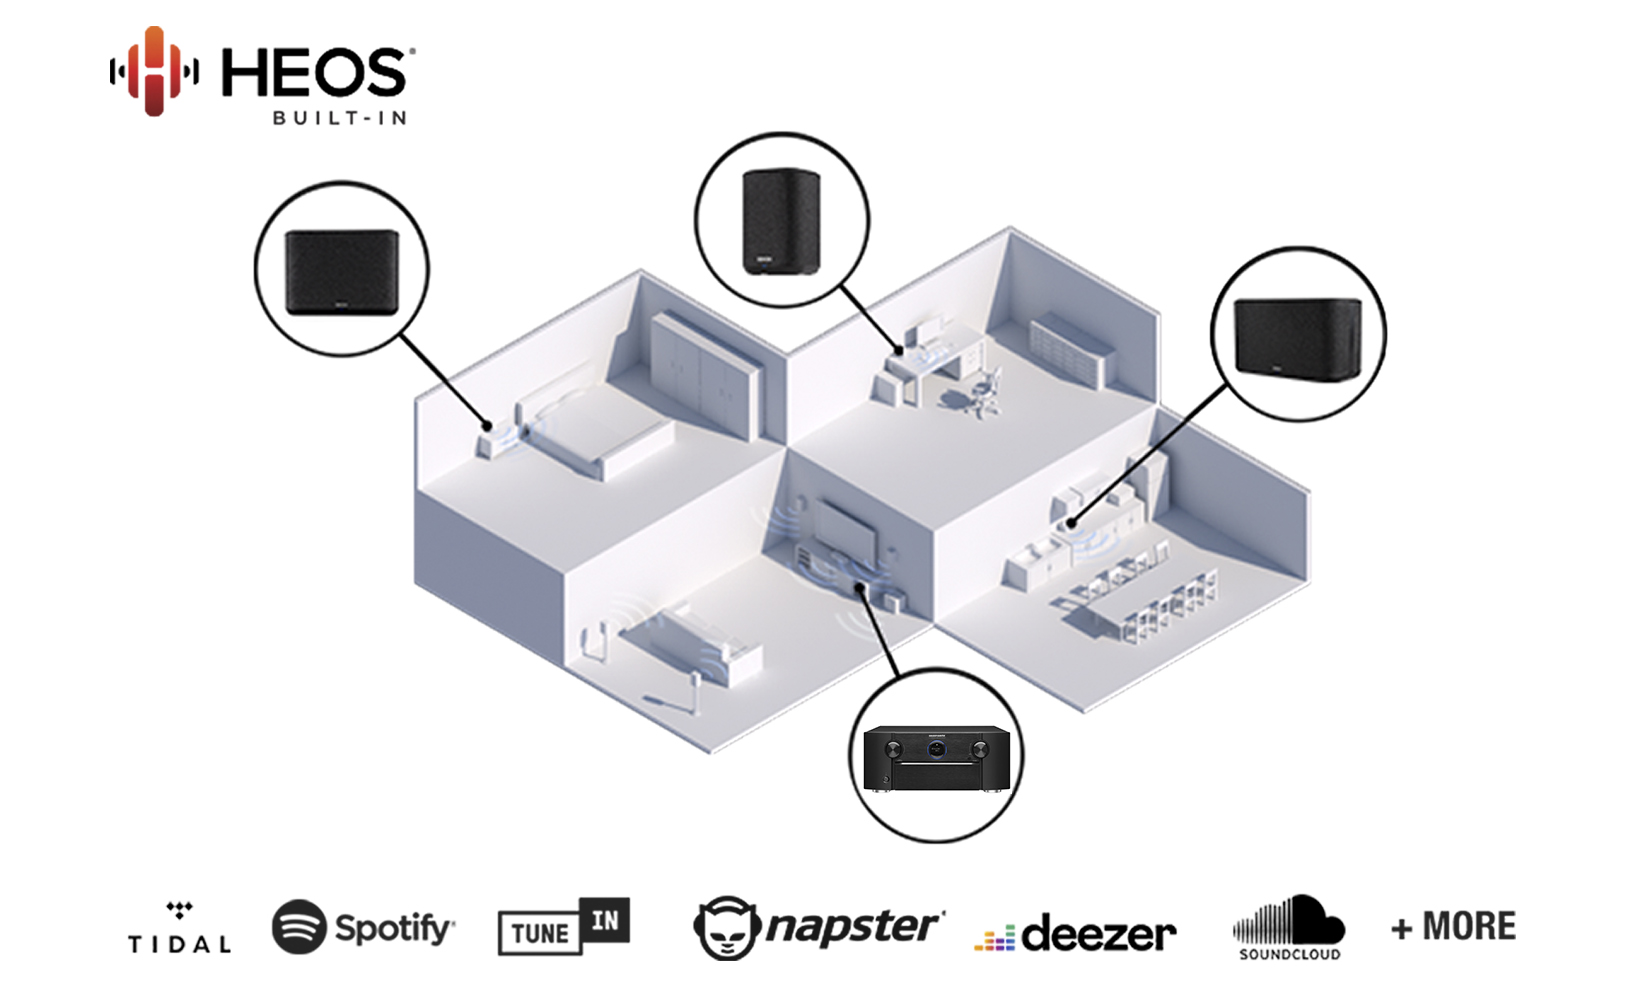 Marantz SR7015 9.2ch. 8K Atmos Network AV Receiver HEOS_built_in_Marantz_SR7015